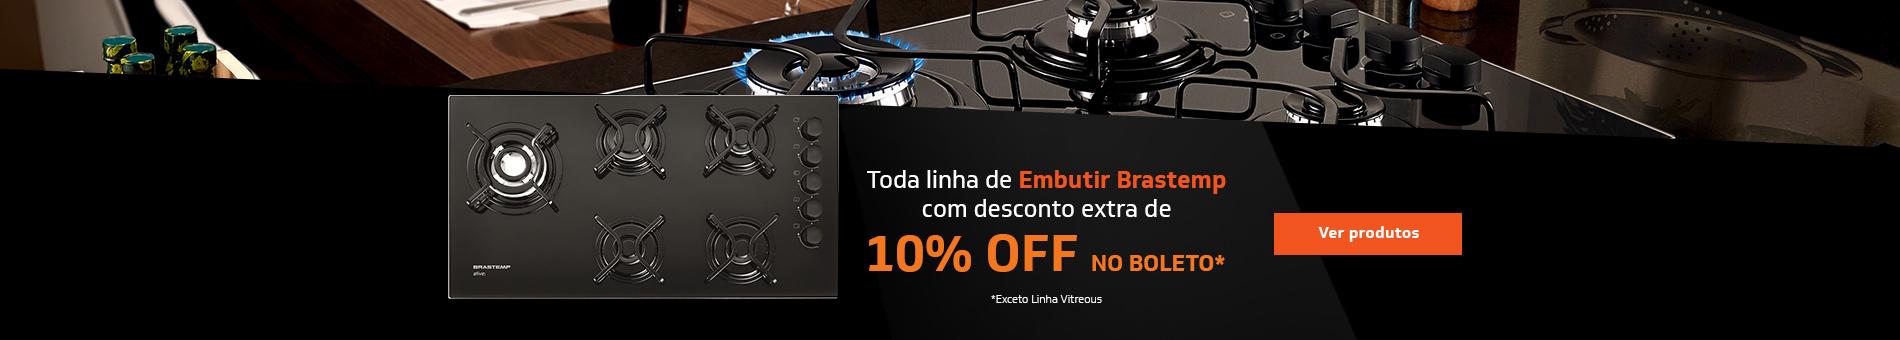 Promoção Interna - 888 - festivaldeofertas_embutir_home3_23092016 - embutir - 3